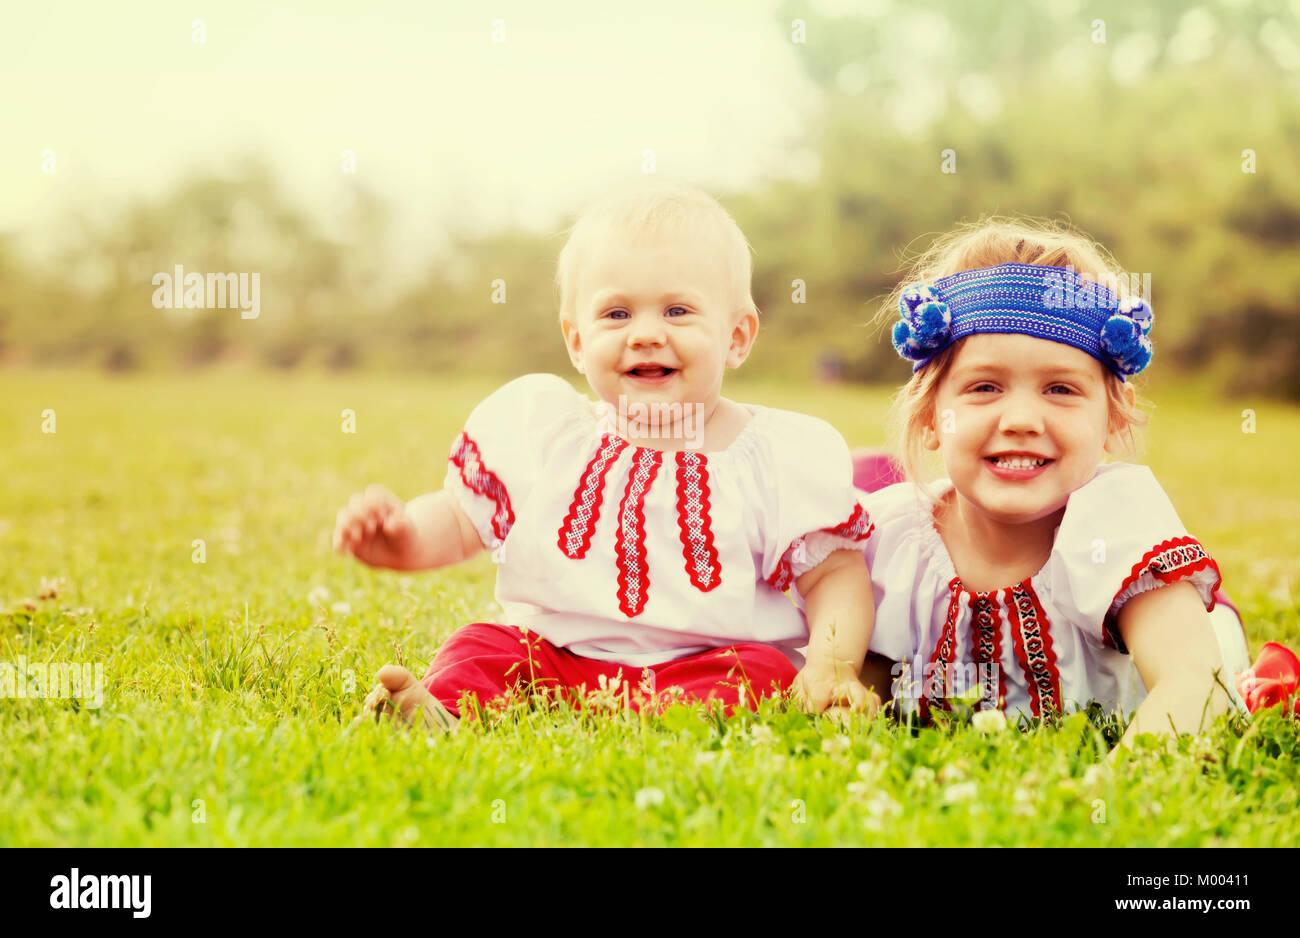 Zwei Gluckliche Kinder In Der Russischen Folklore Kleidung Auf Rasen